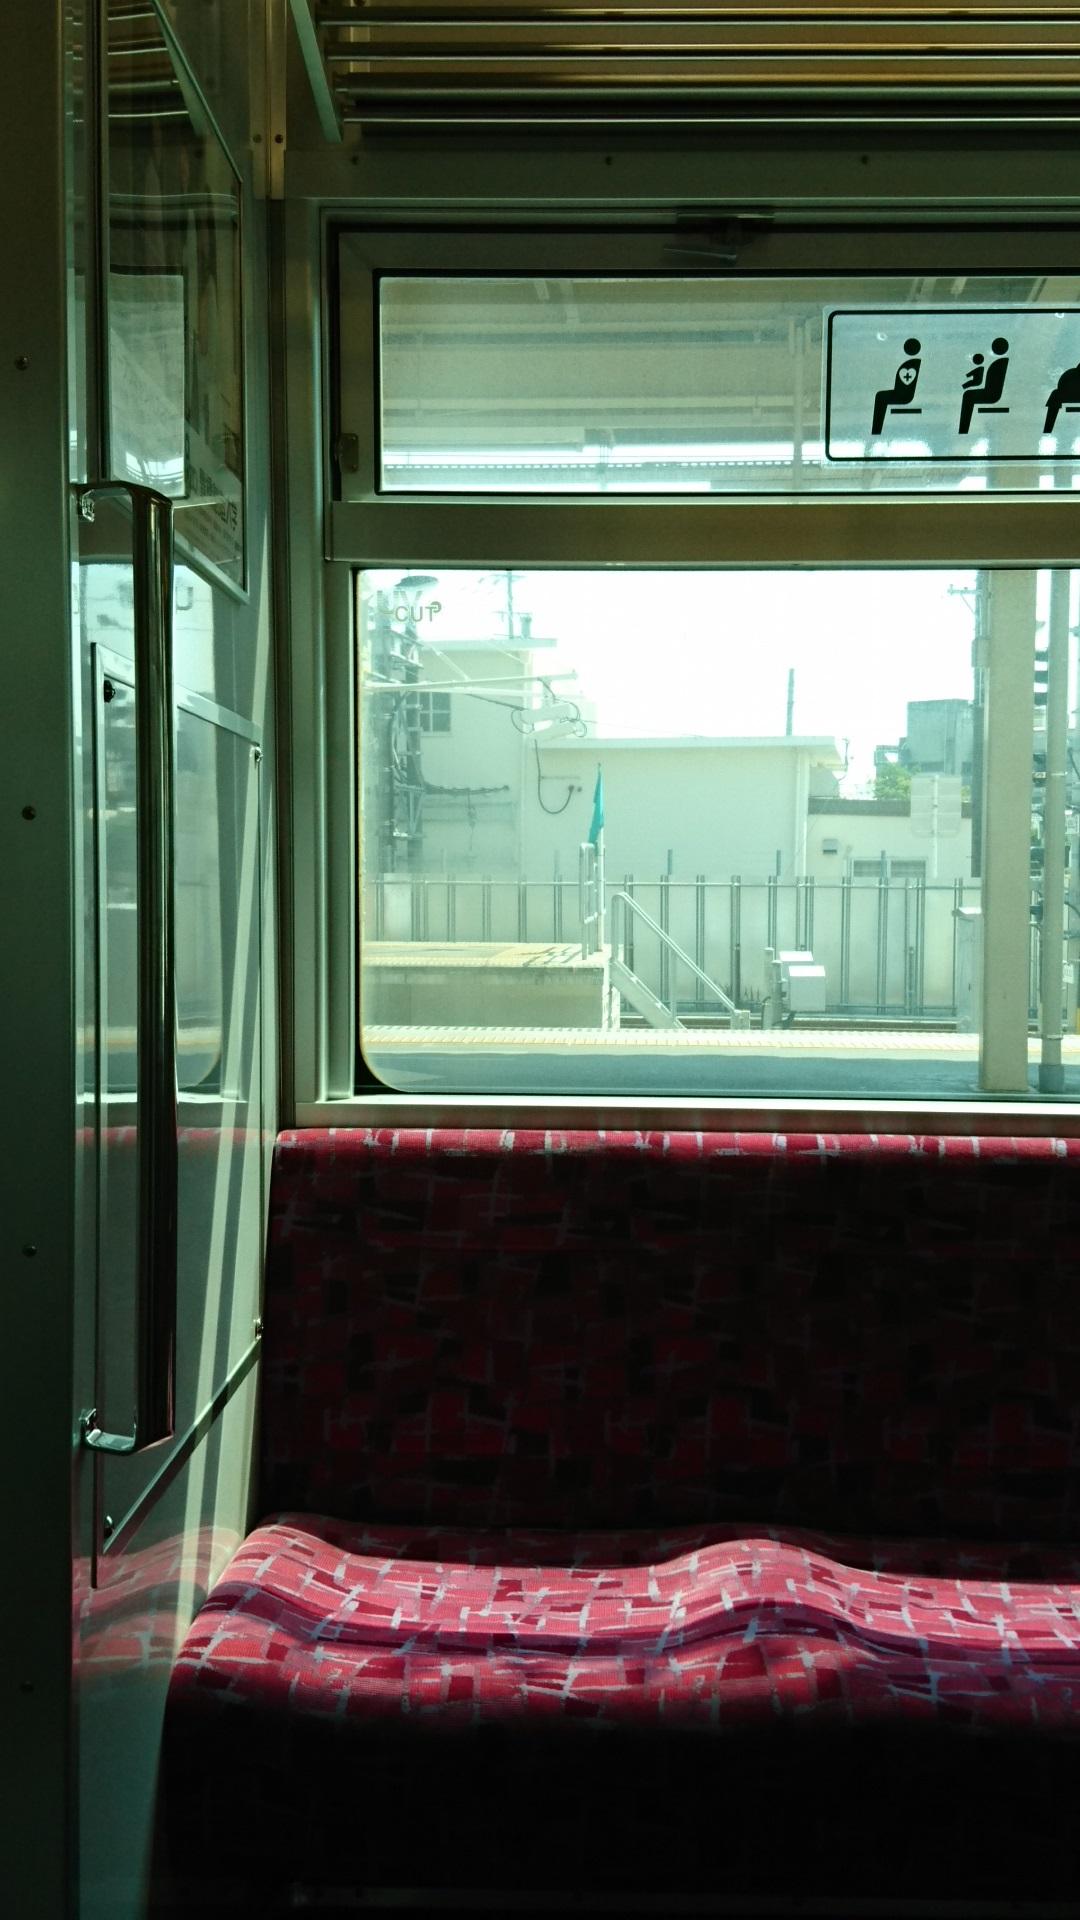 2018.6.25 一宮 (30あ) 豊橋いき特急 - 知立 1080-1920